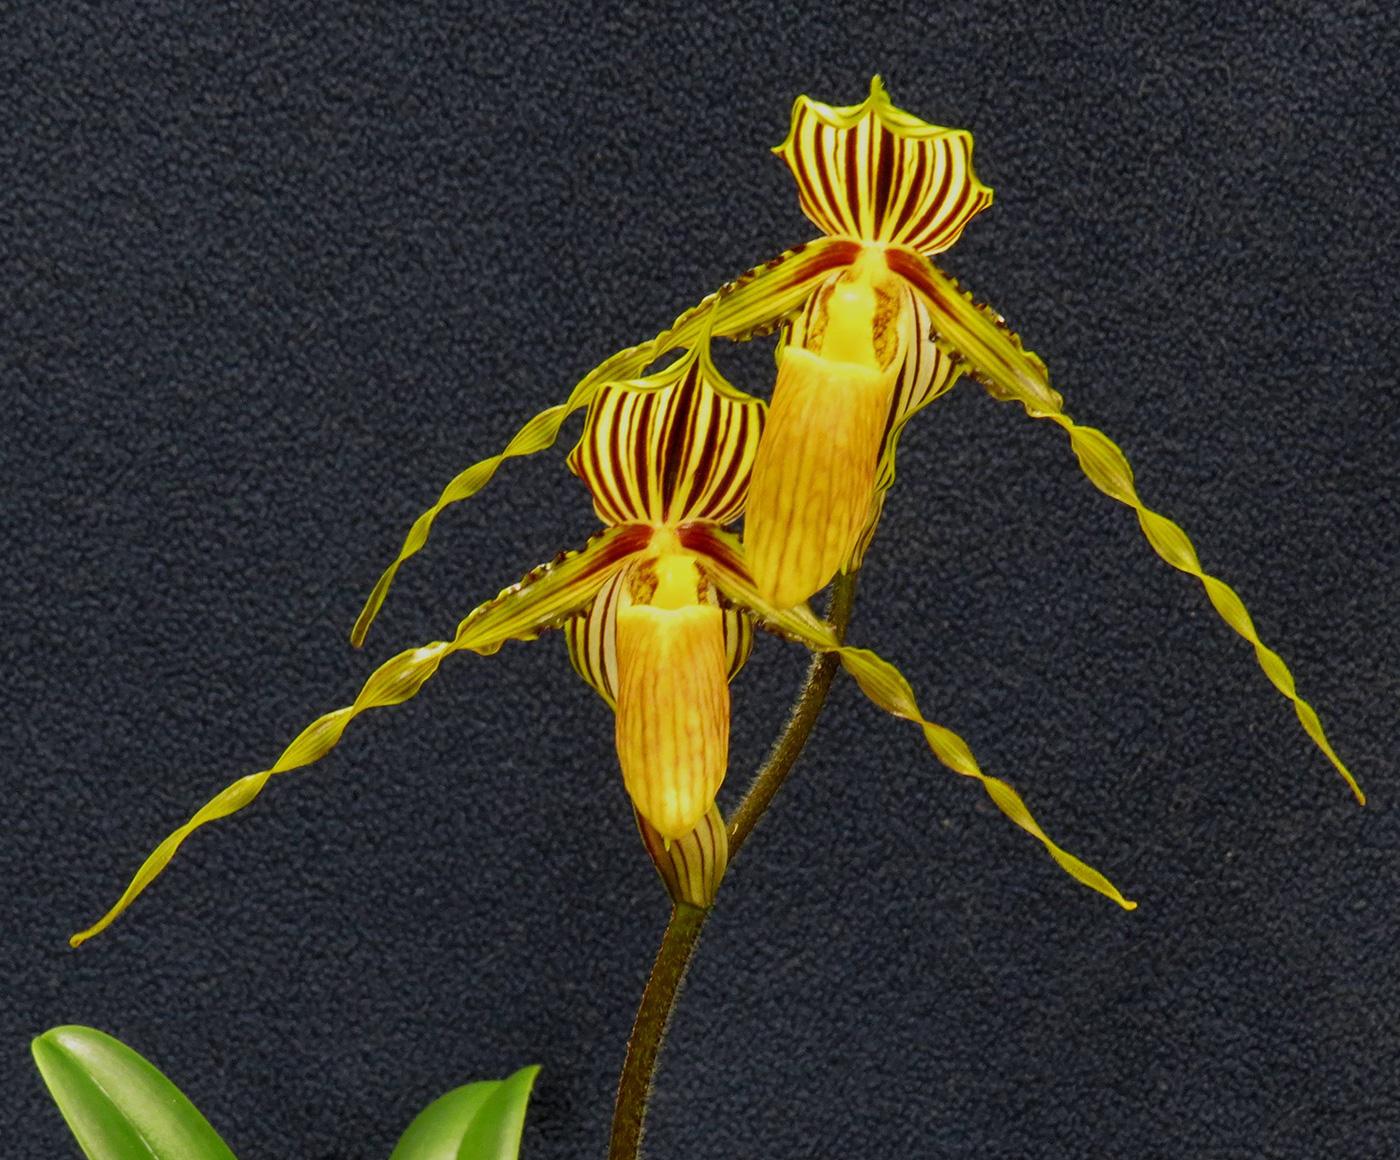 Paphiopedilum (Paph.) gladuliferum var. praestans